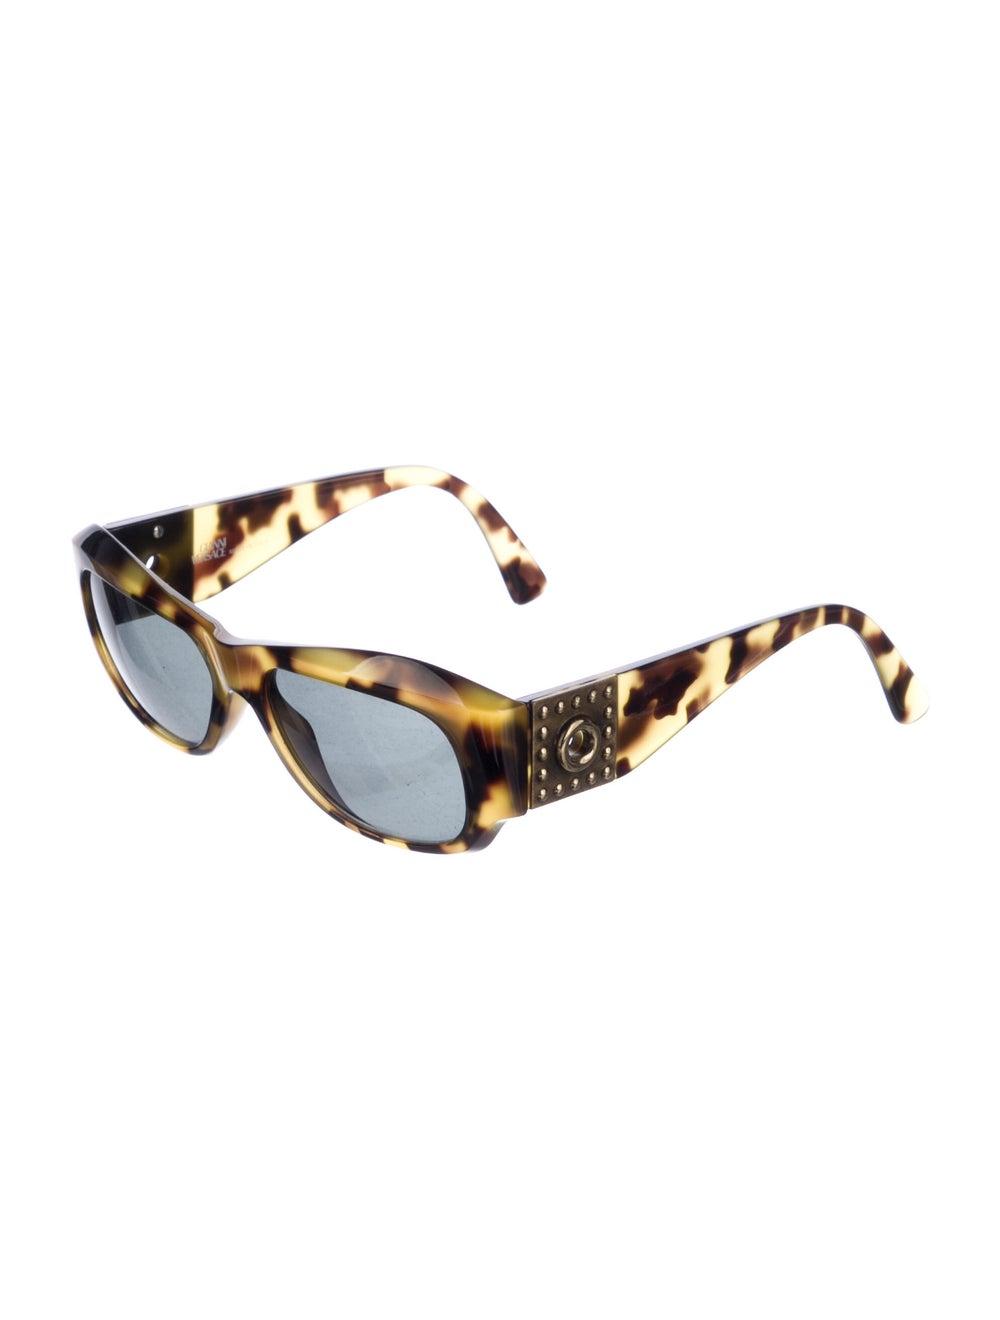 Gianni Versace Cat-Eye Mirrored Sunglasses Brown - image 2